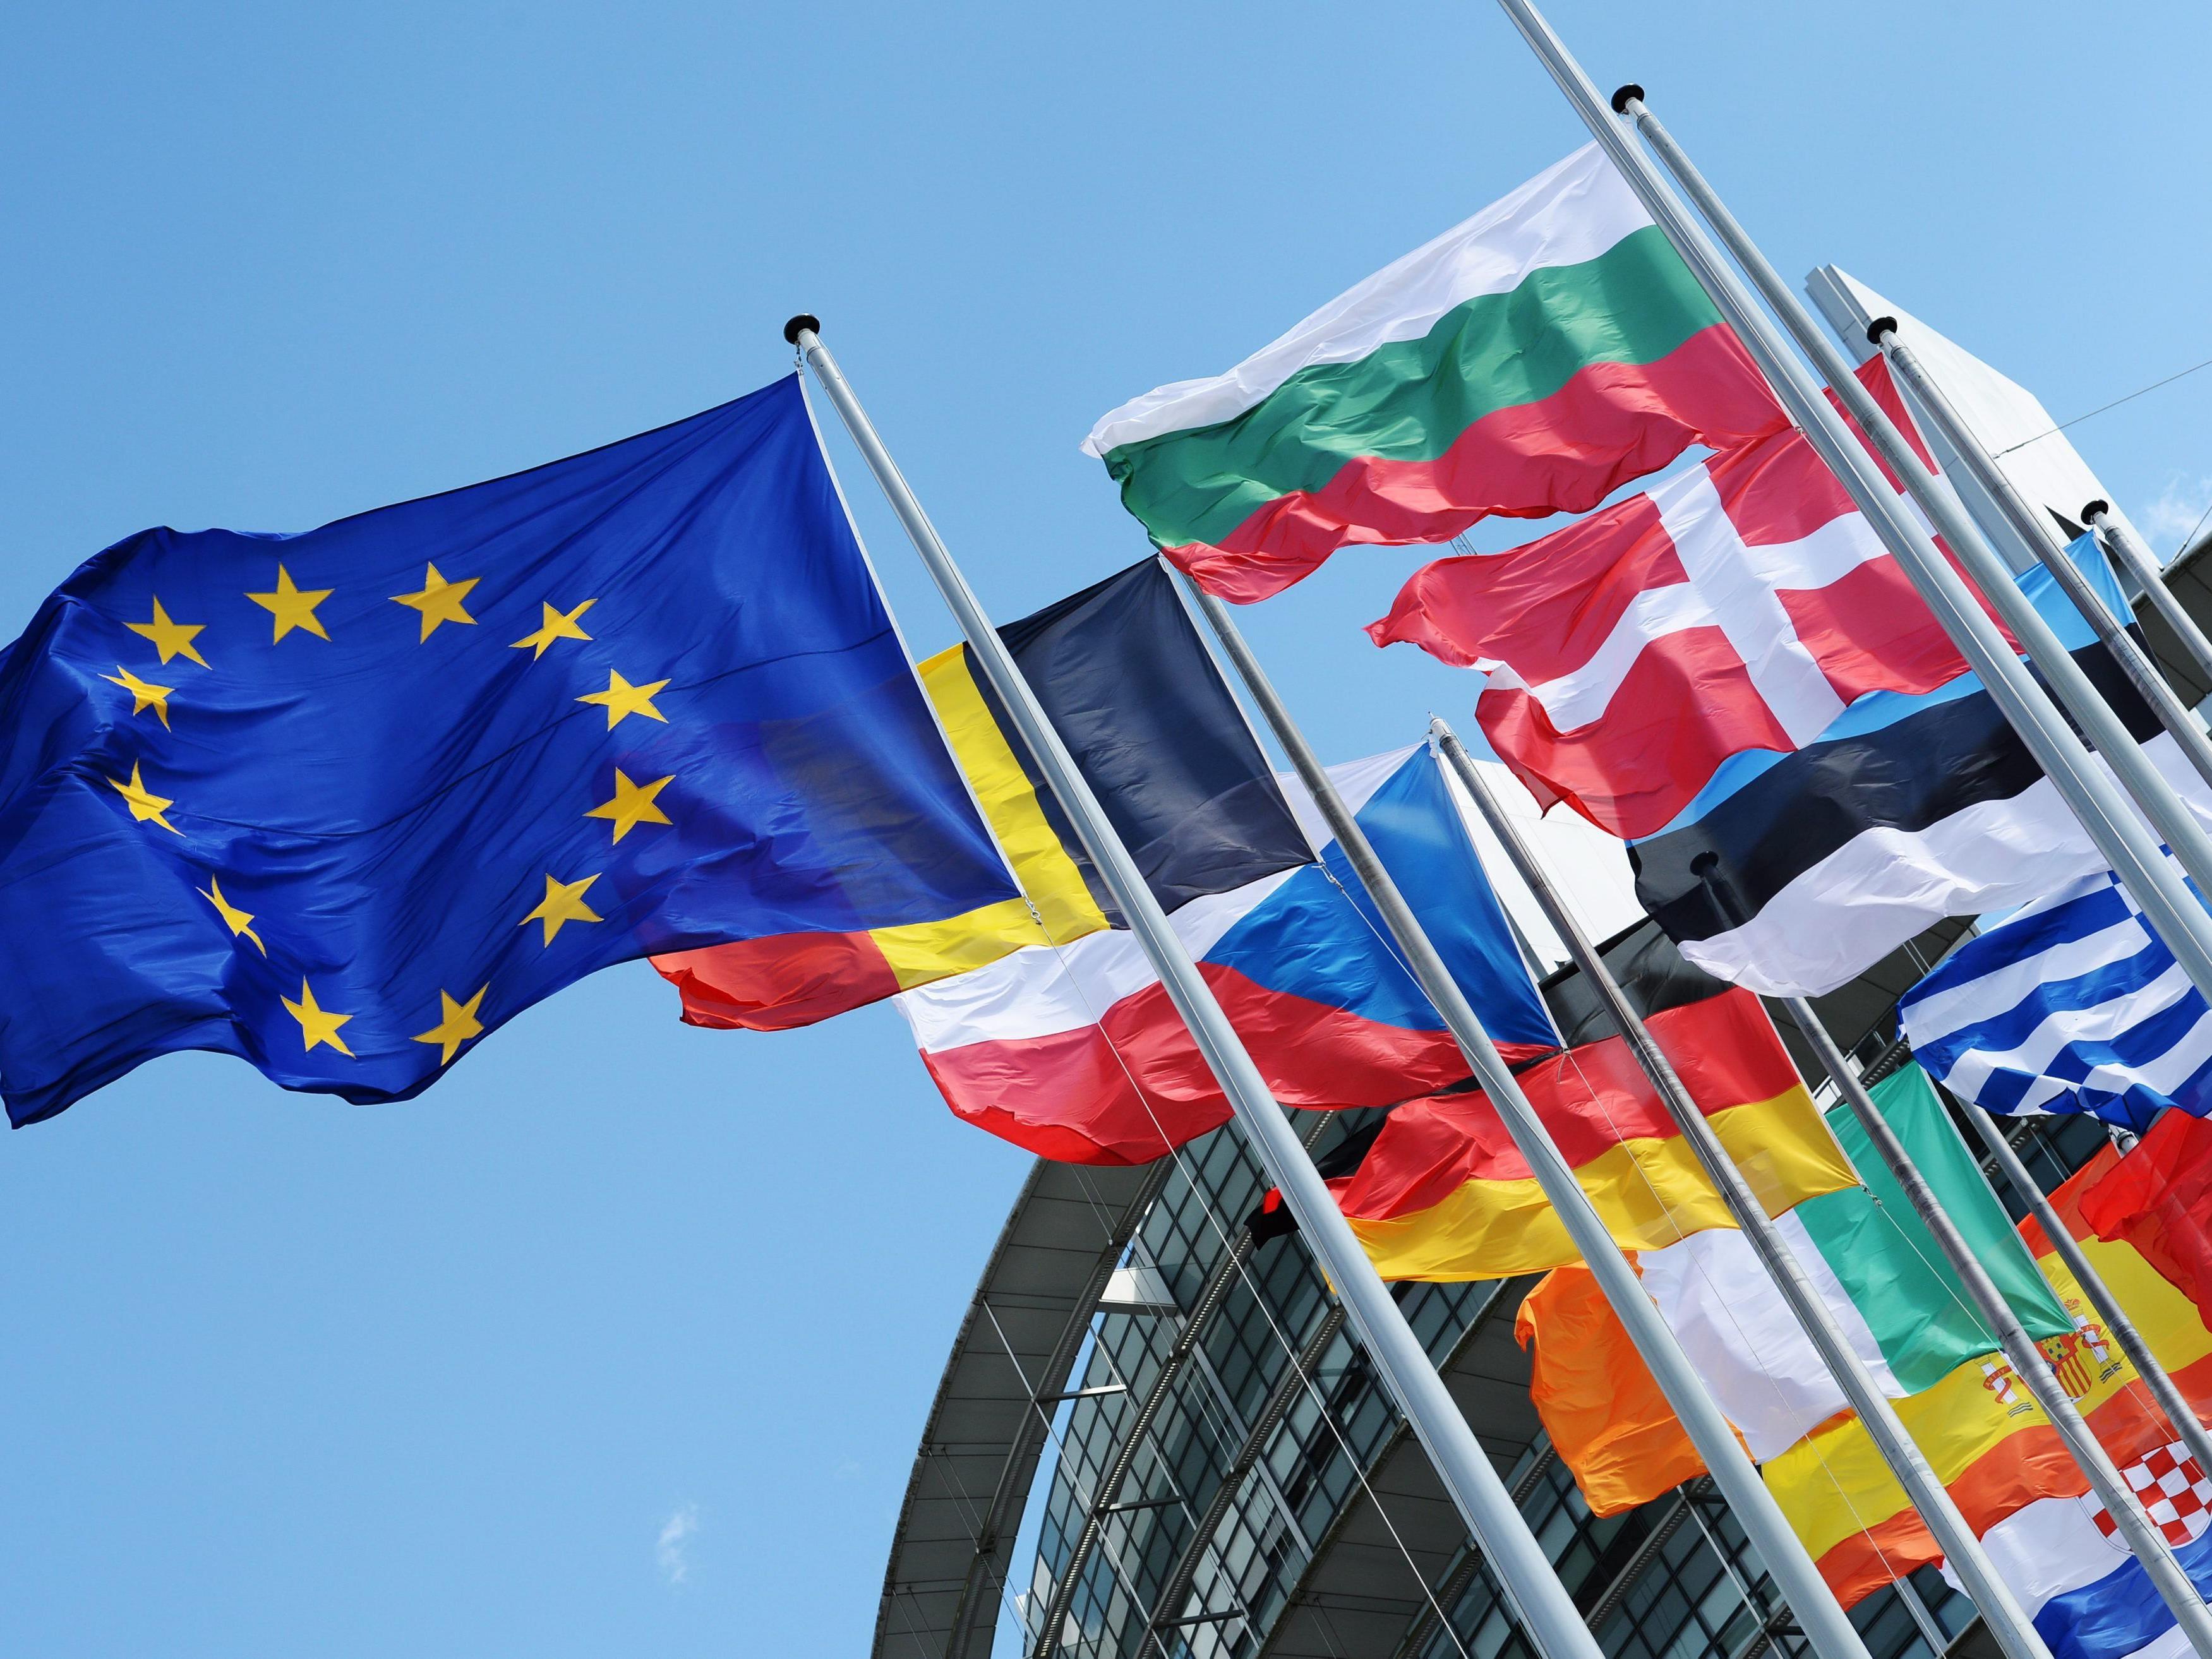 Während bei den Einnahmen im EU-Budget kein Fehler festgestellt wurde, stellten die EU-Rechnungsprüfer für die Ausgaben entsprechende Unregelmäßigkeiten fest.